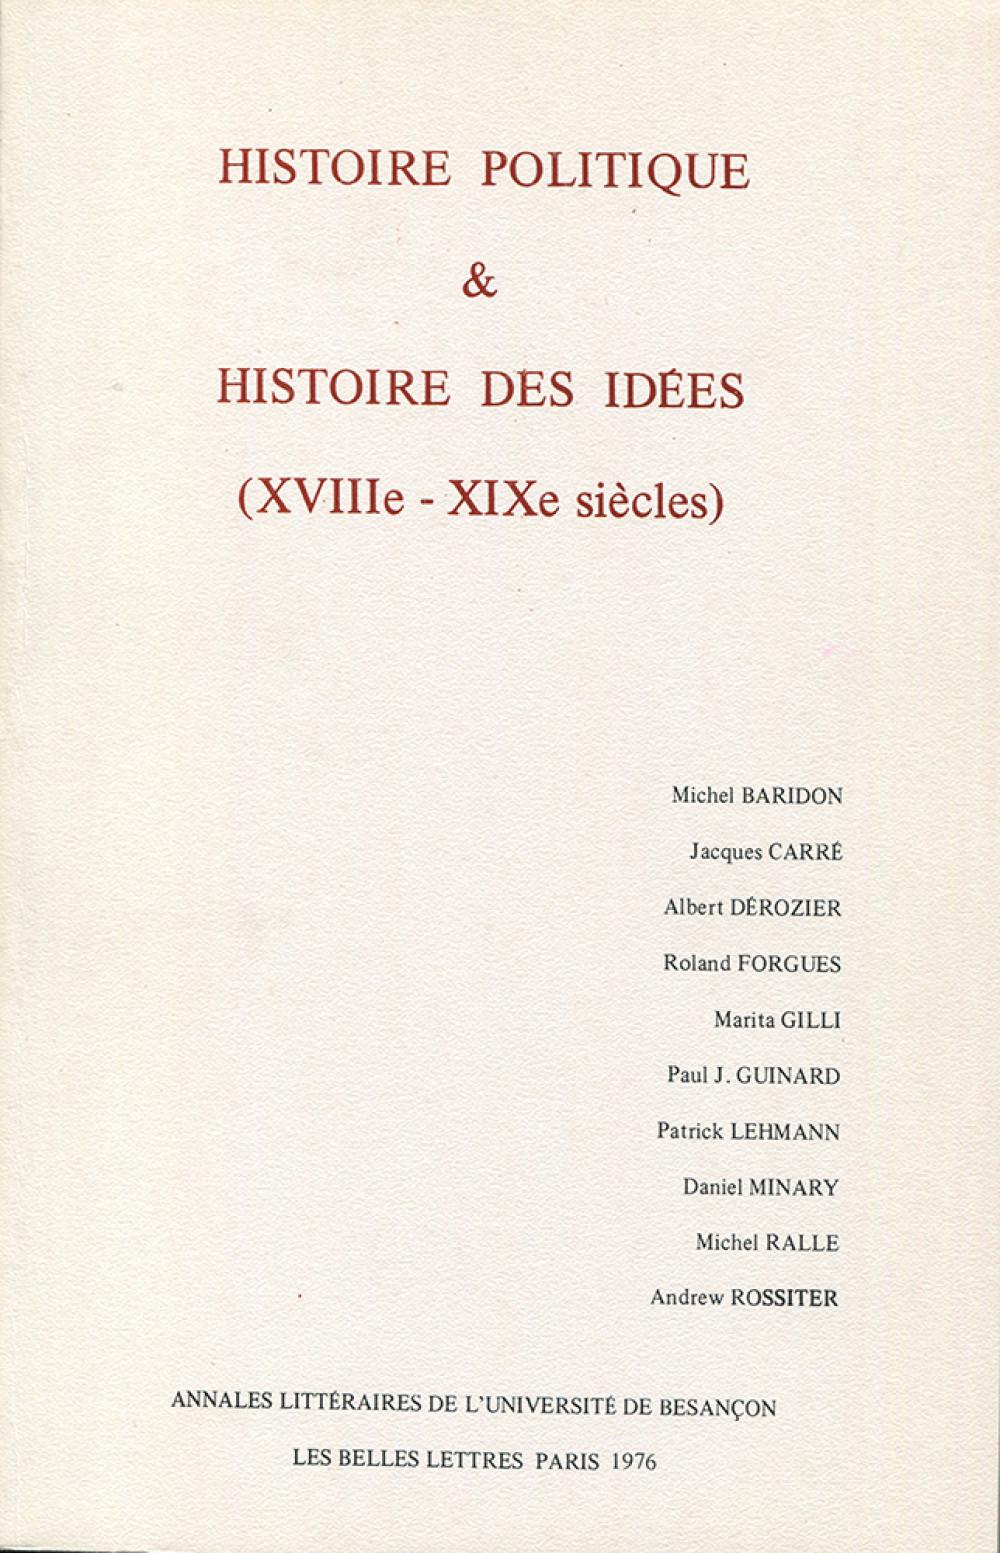 """Histoire politique et histoire des idées (<span style=""""font-variant: small-caps"""">XVIII</span><sup>e</sup>-<span style=""""font-variant: small-caps"""">XIX</span><sup>e</sup> s.)"""